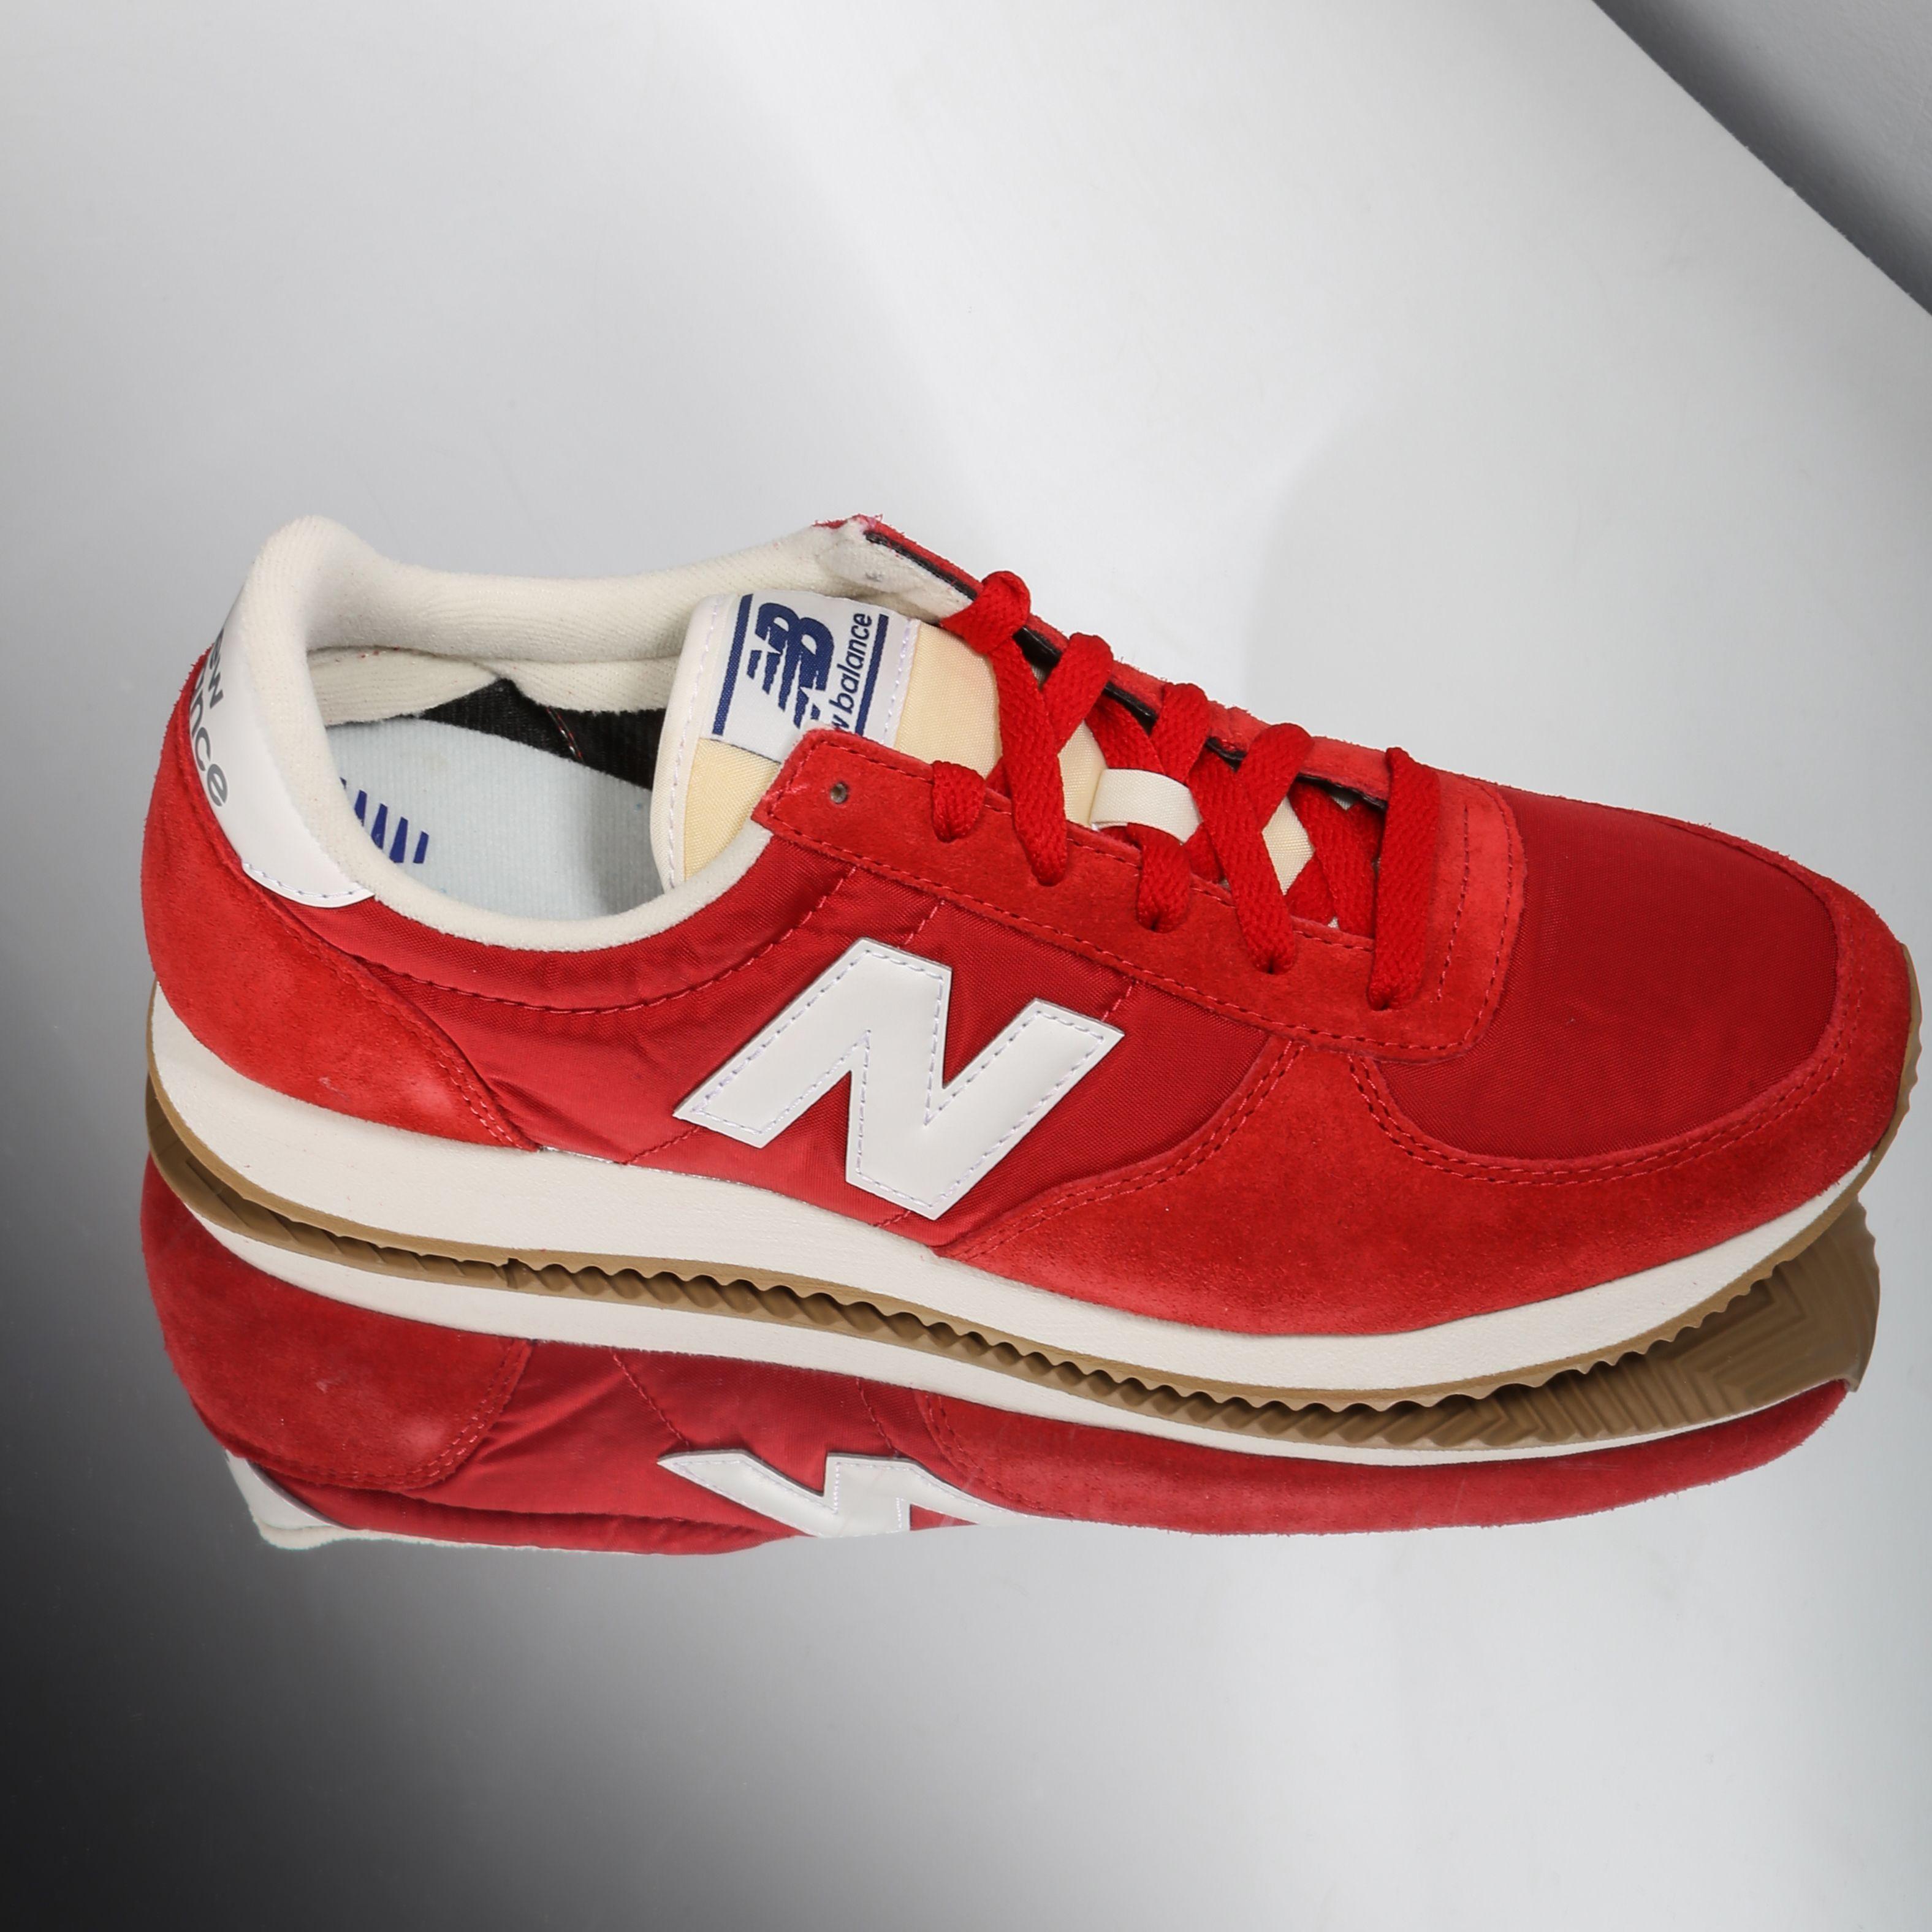 zapatillas new balance u220 roja